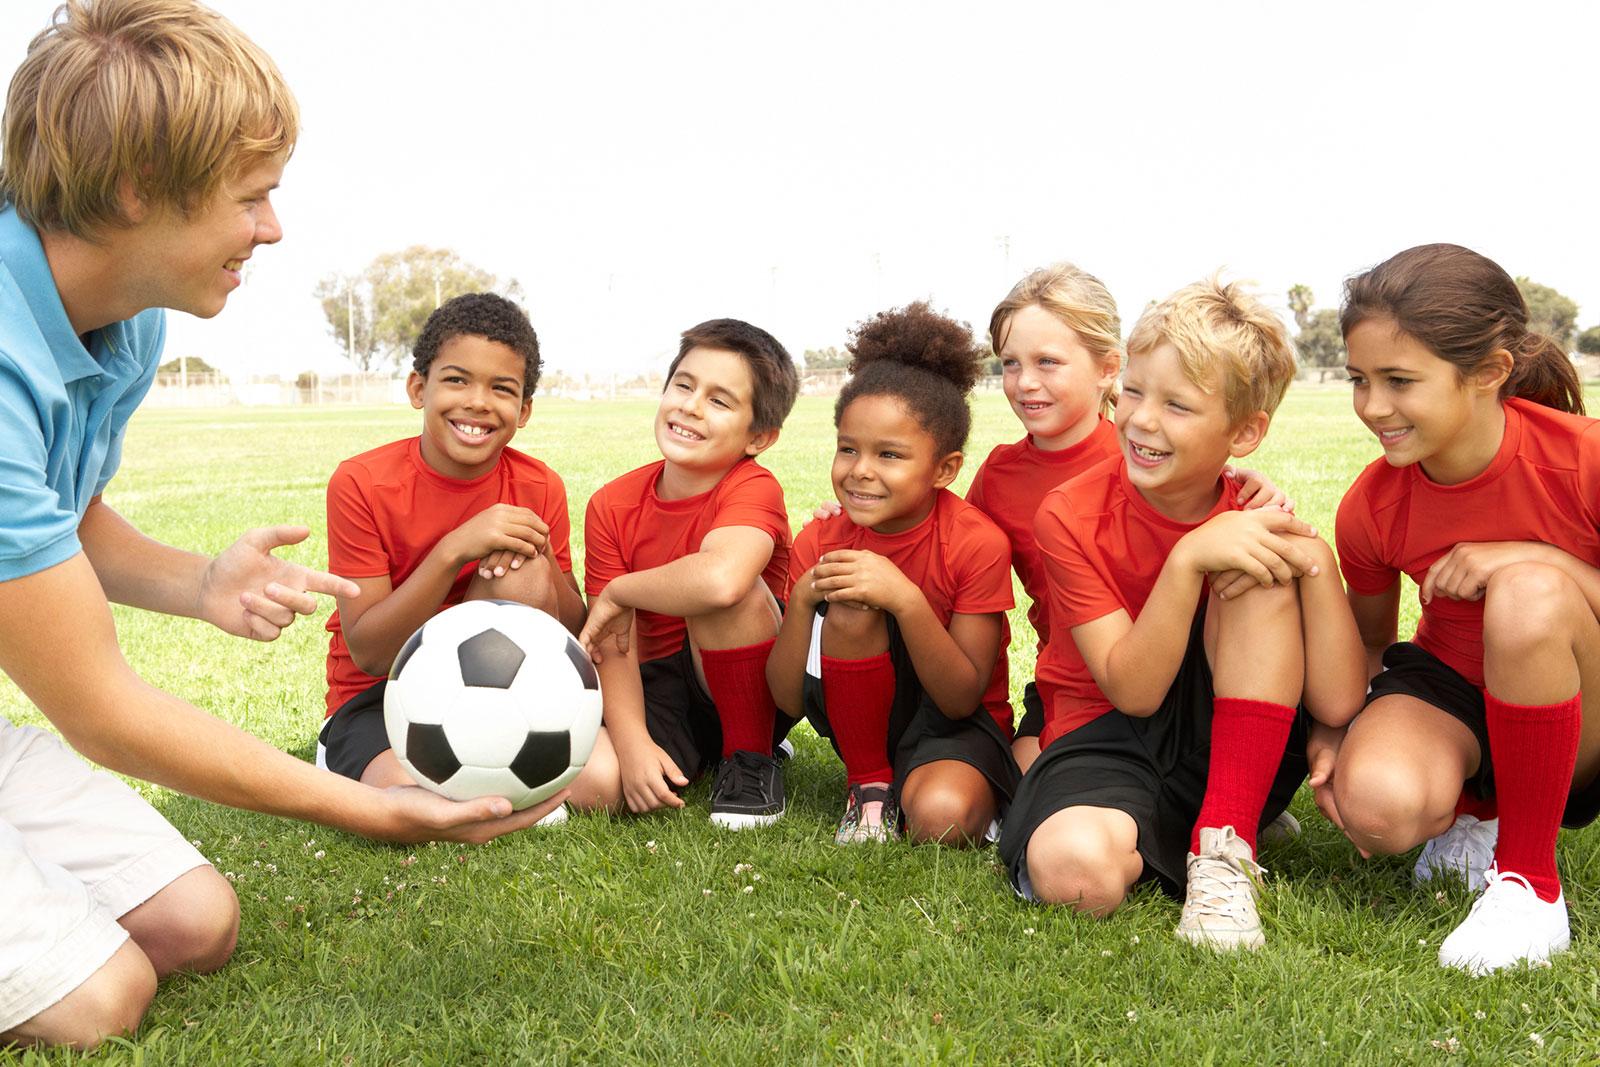 boys-and-girls-learning-soccer.jpg